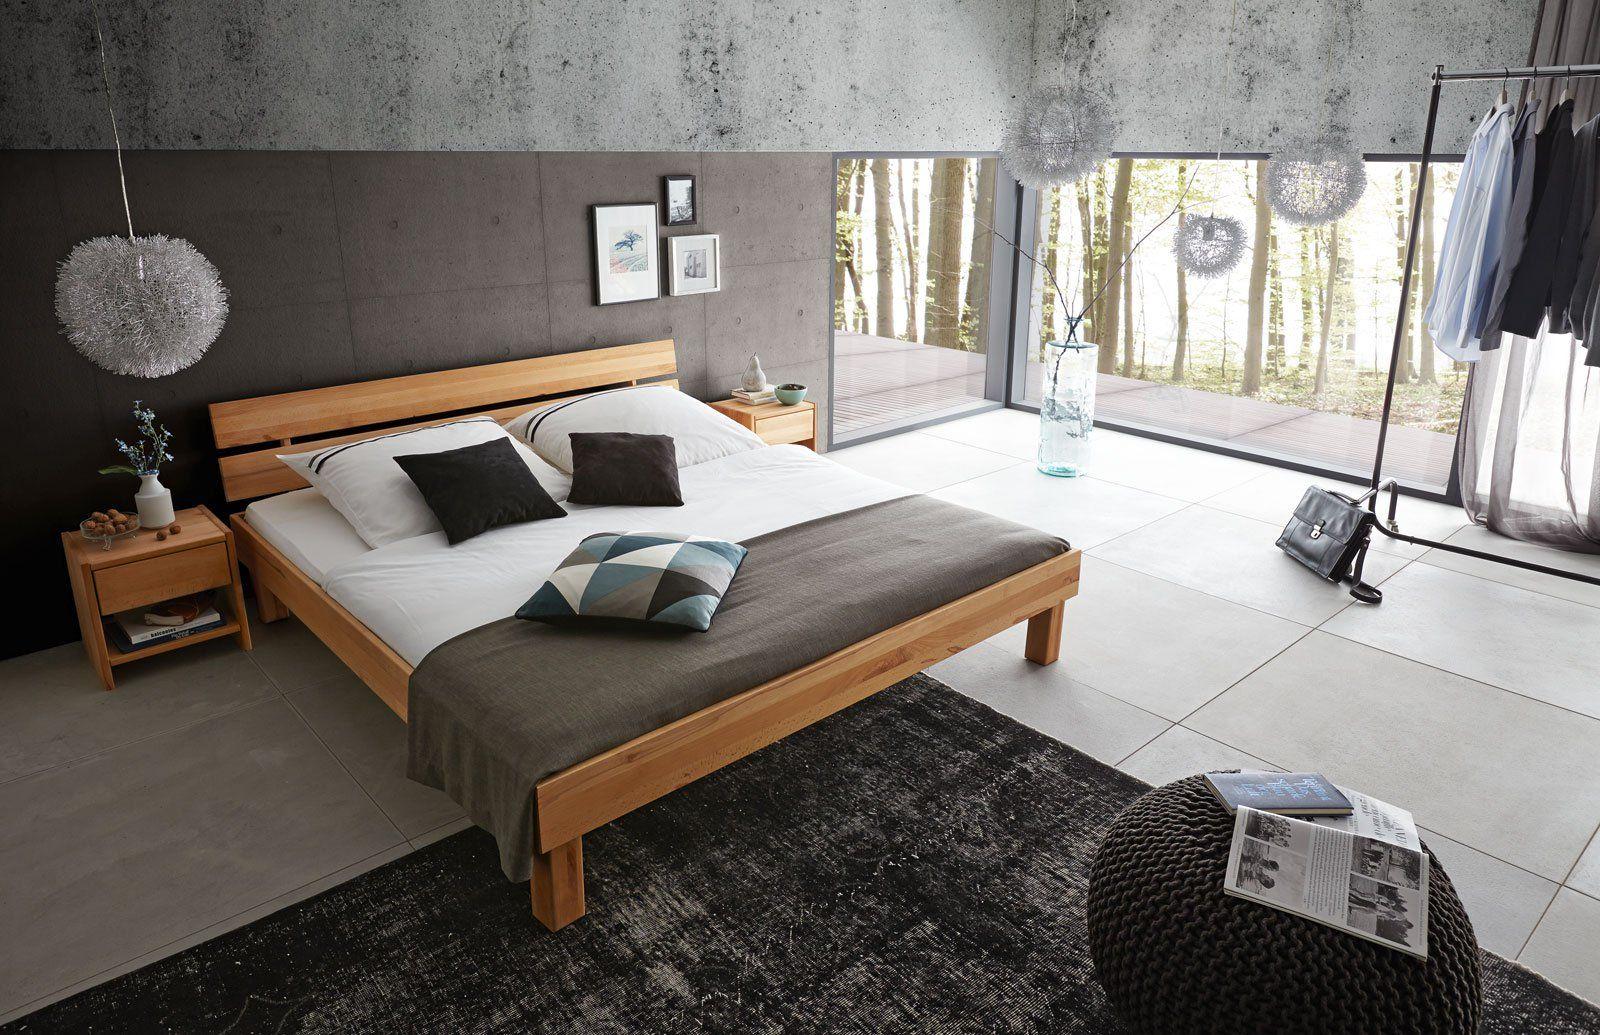 SAM® Massivholzbett 160x200 cm Kernbuche Holzbett massiv